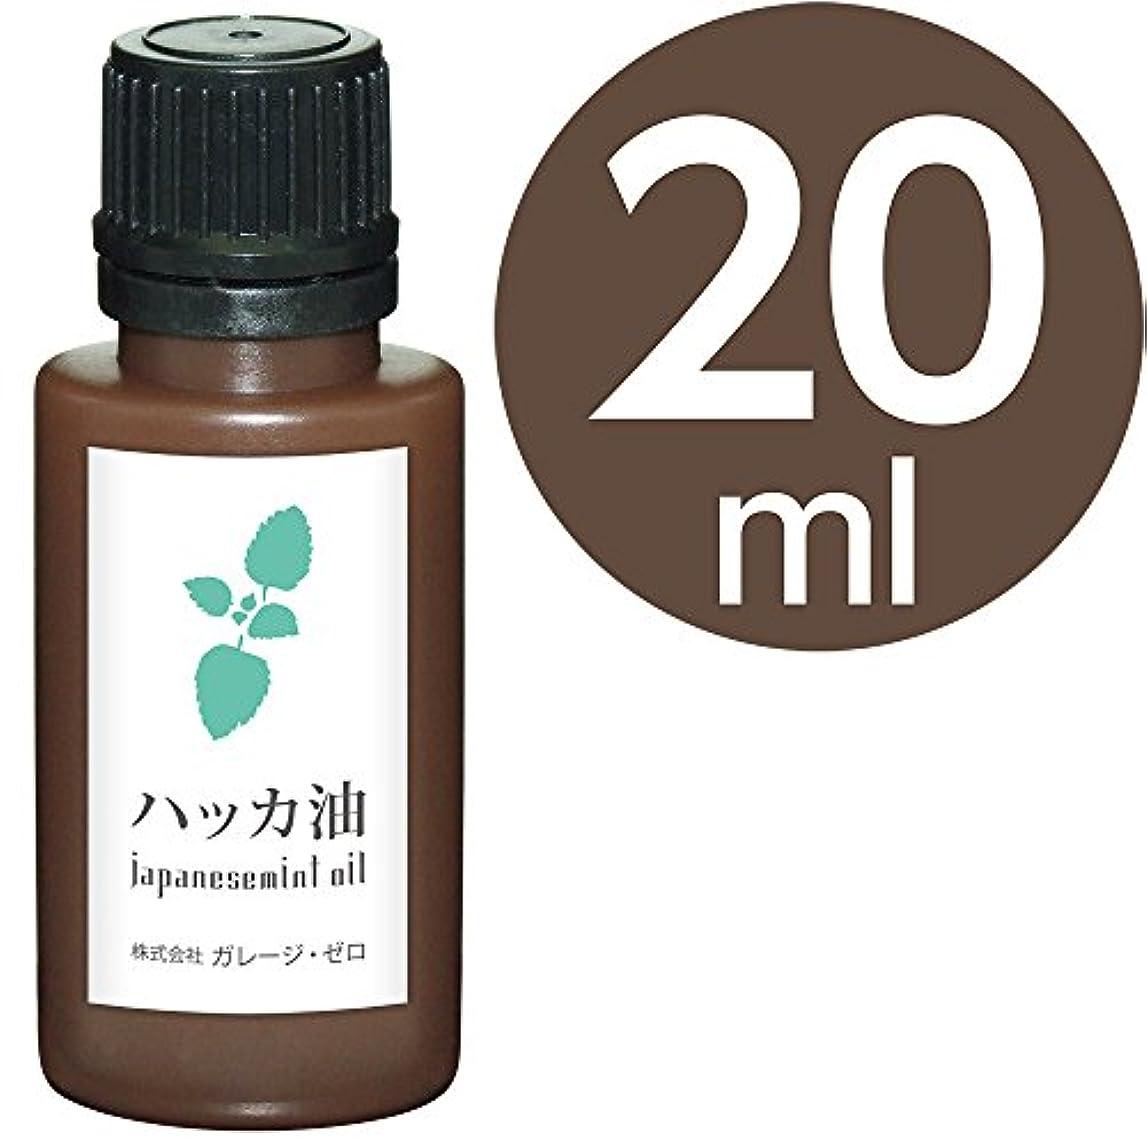 手数料予防接種ハウスガレージゼロ ハッカ油 20ml GZAK18